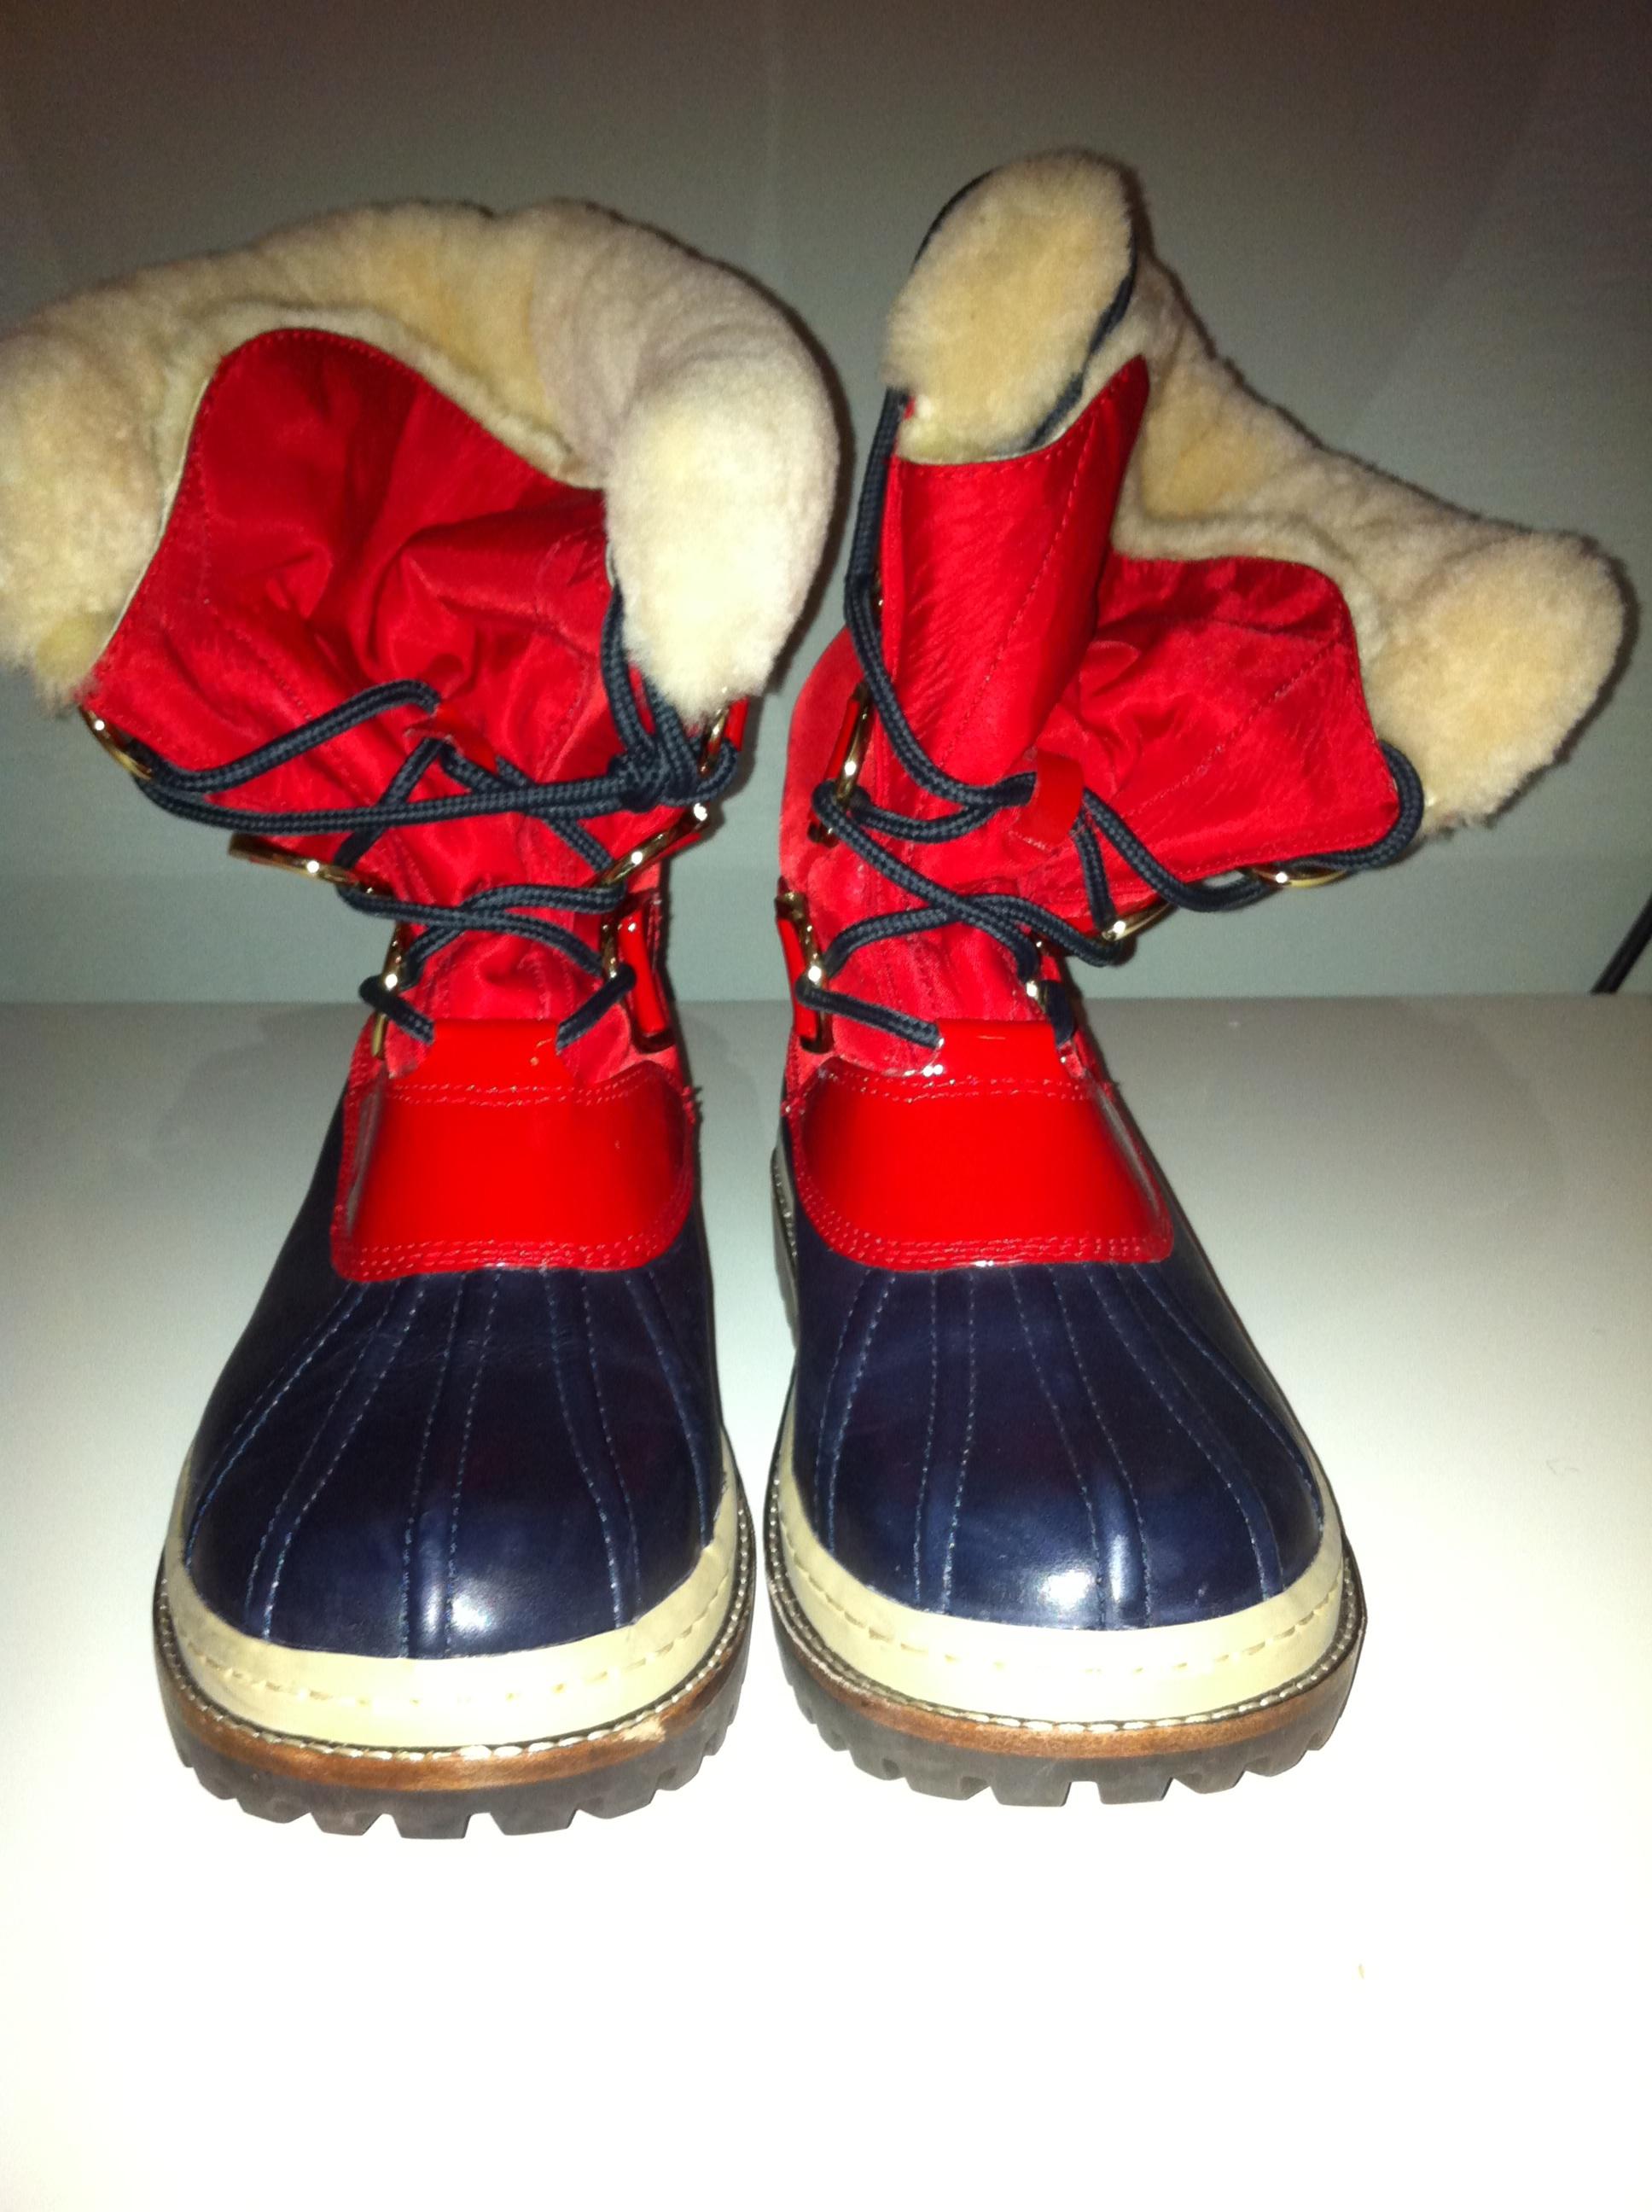 3fda19276326 ... get tory burch red navy duck boot7.5 3cca2 01d0d